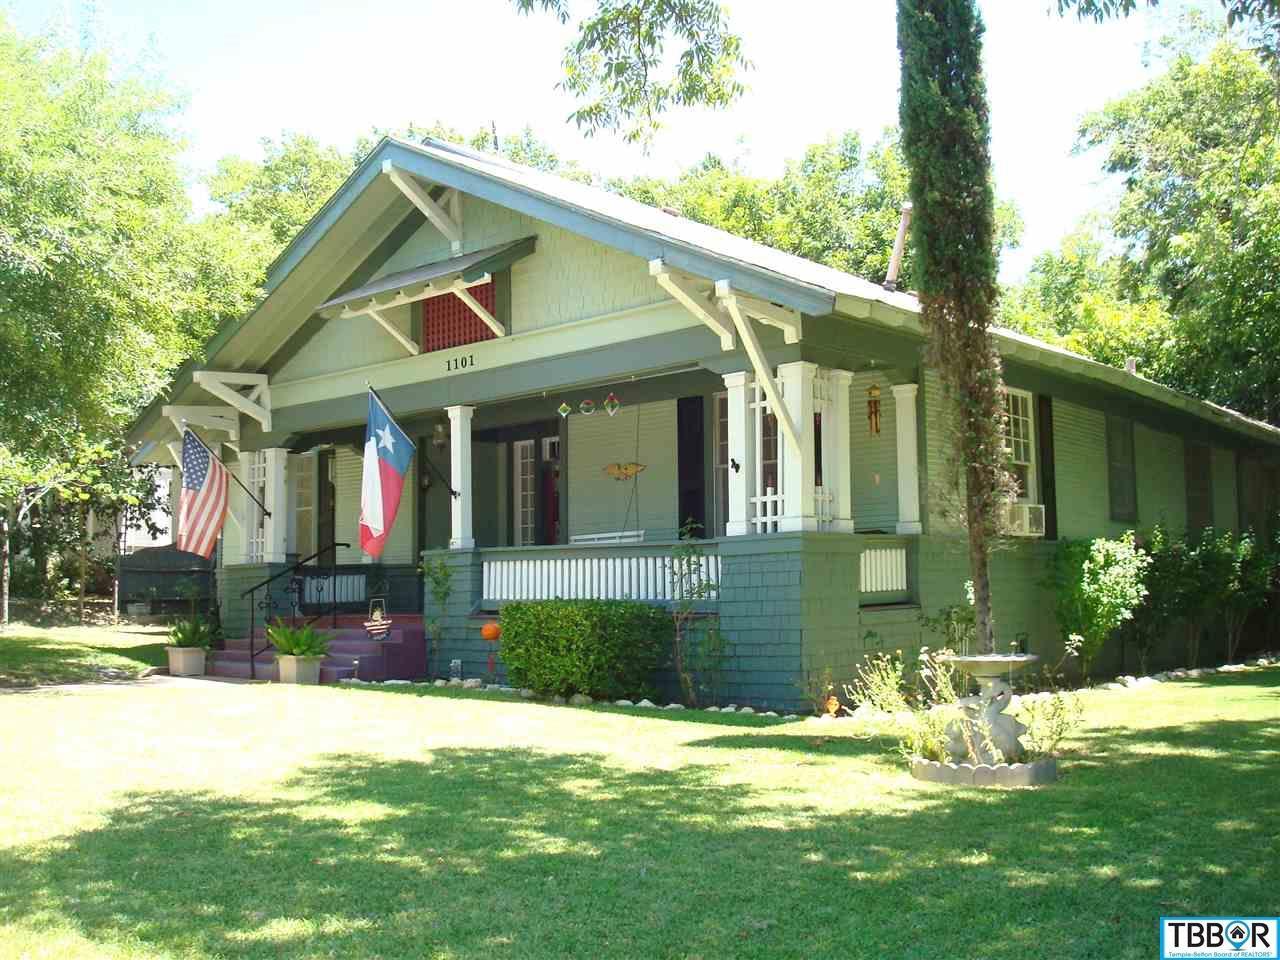 1101 N 3rd Street, Temple TX 76501 - Photo 1